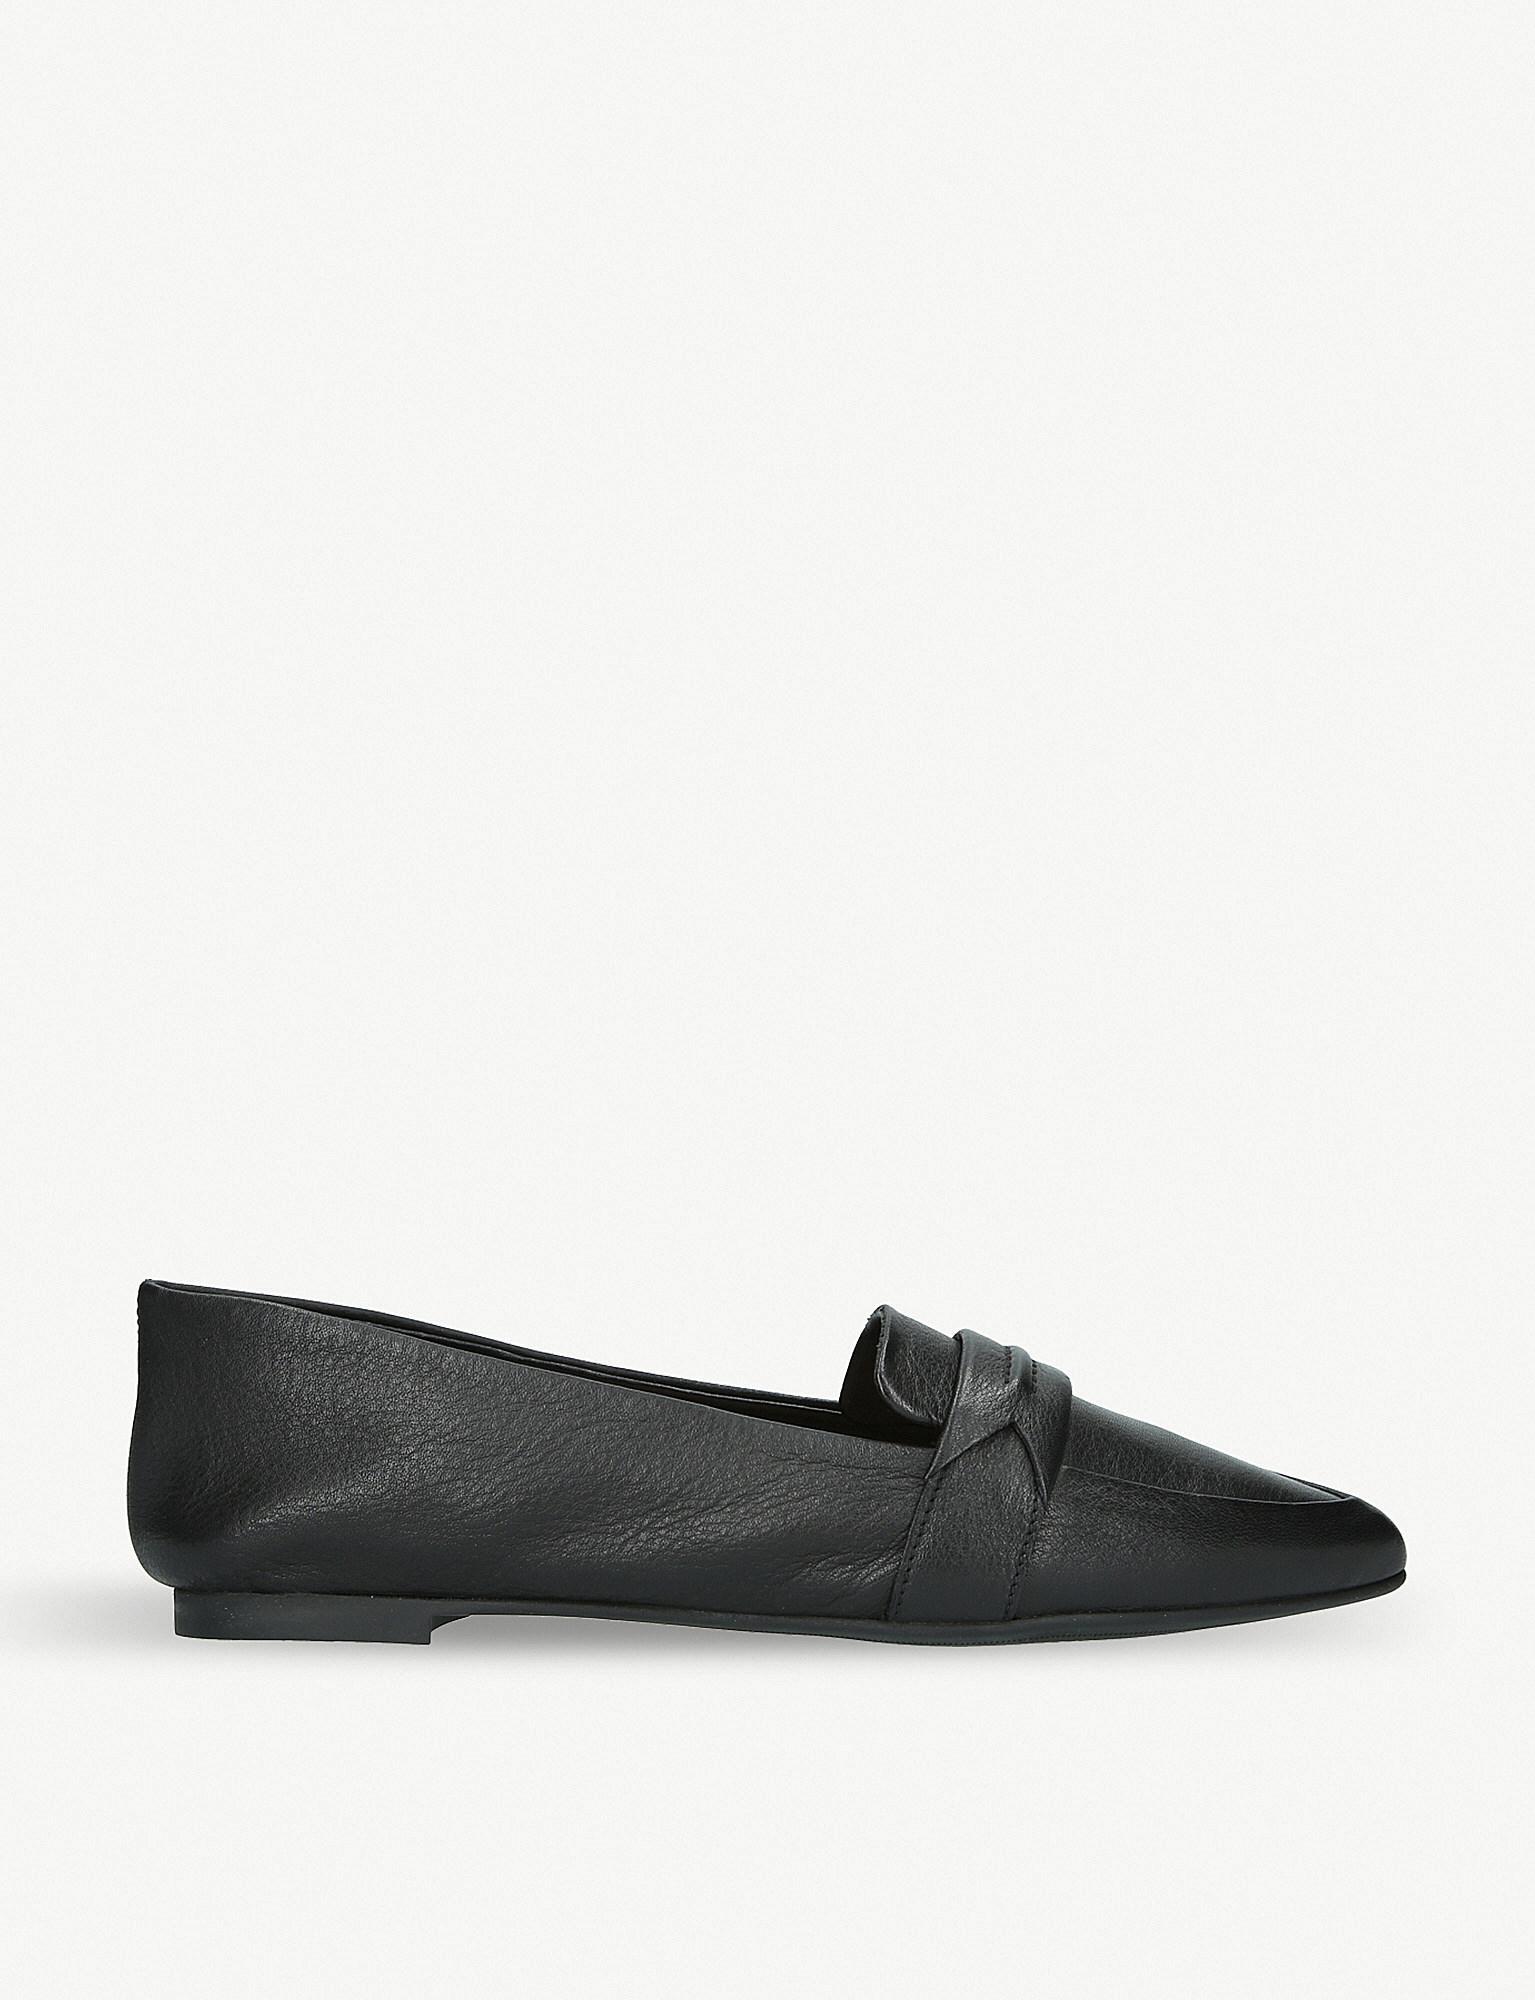 76596744e53 Lyst - ALDO Elalecia Leather Loafers in Black